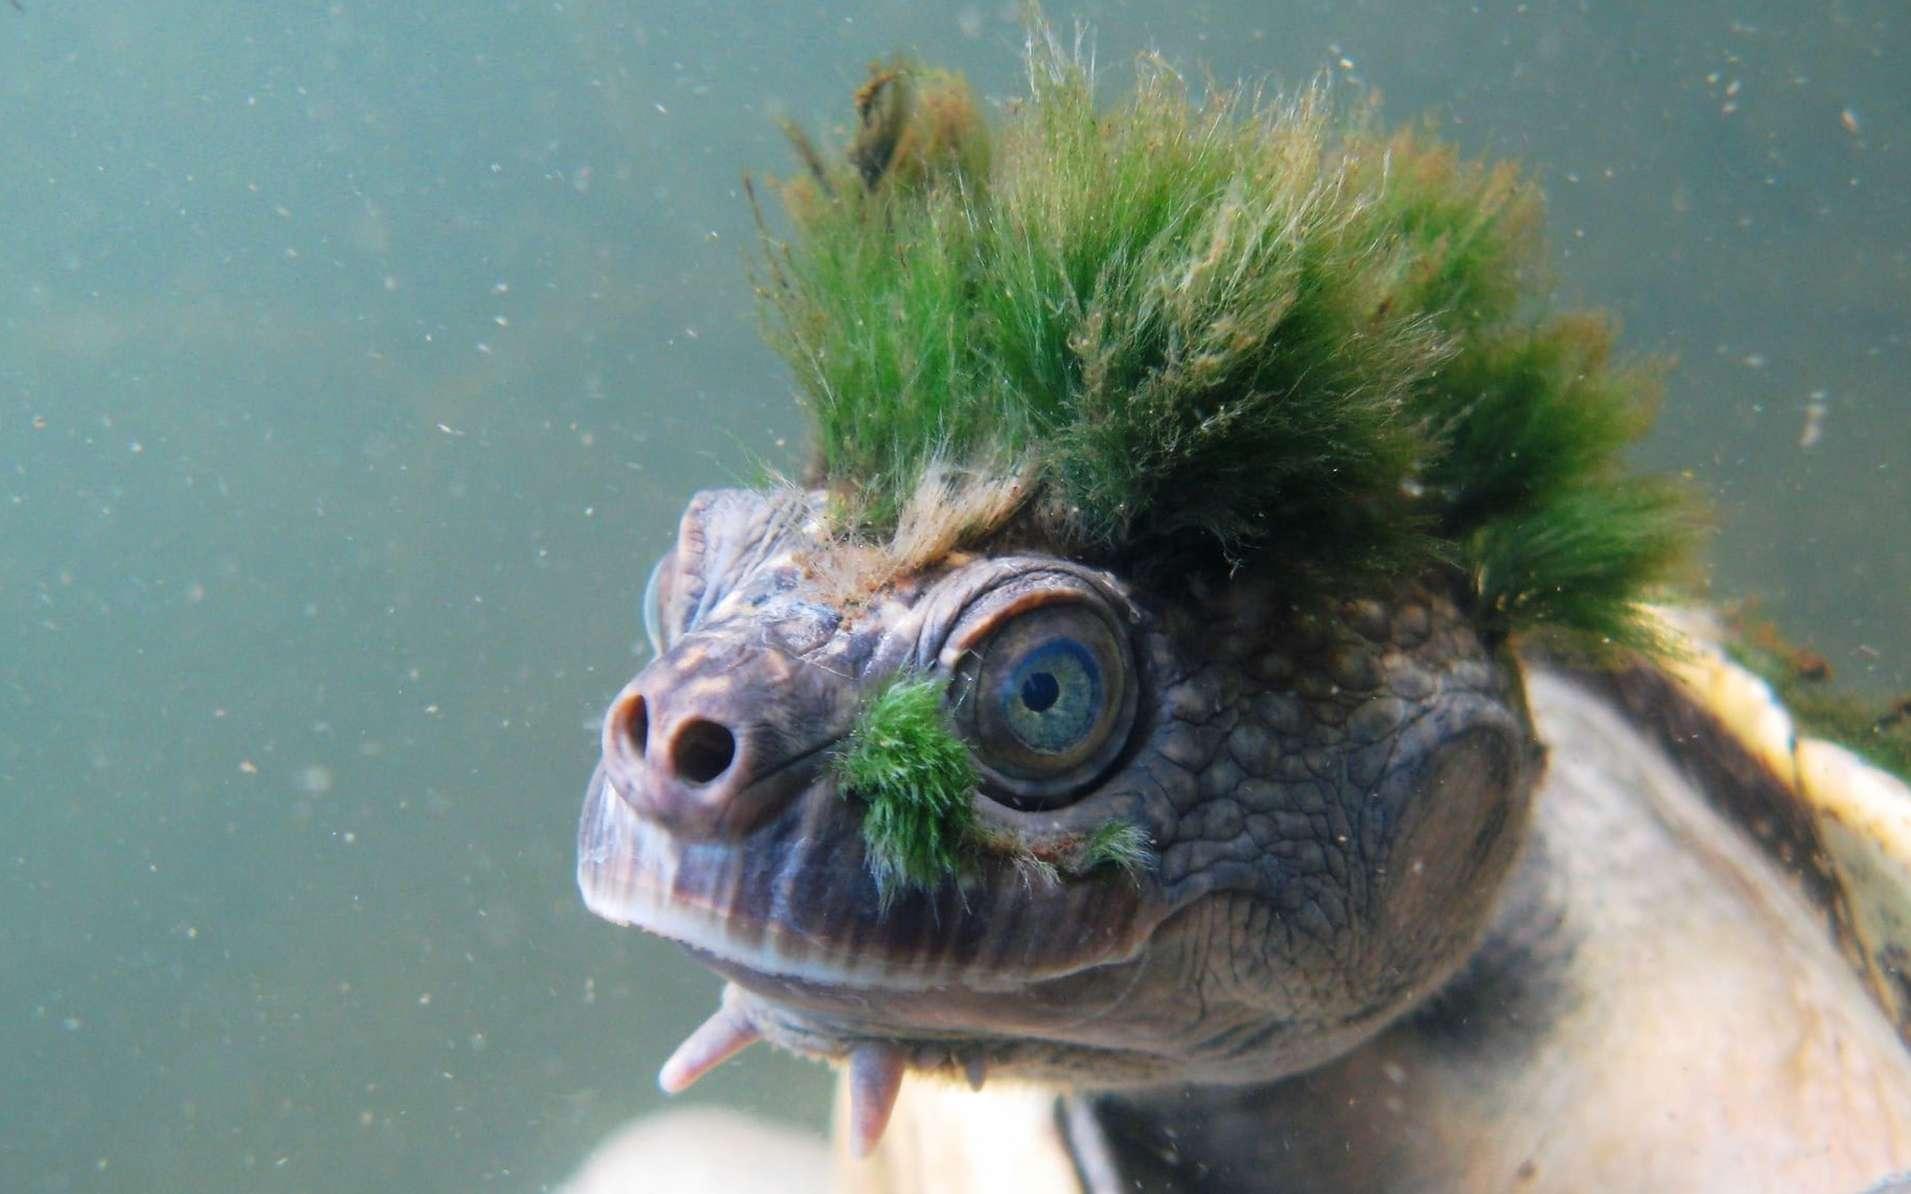 La tortue de la Mary River, qui peut passer jusqu'à trois jours sous l'eau, a rejoint la liste des reptiles menacés de la Zoological Society of London (ZSL). © Chris VAN WYK, ZSL, AFP